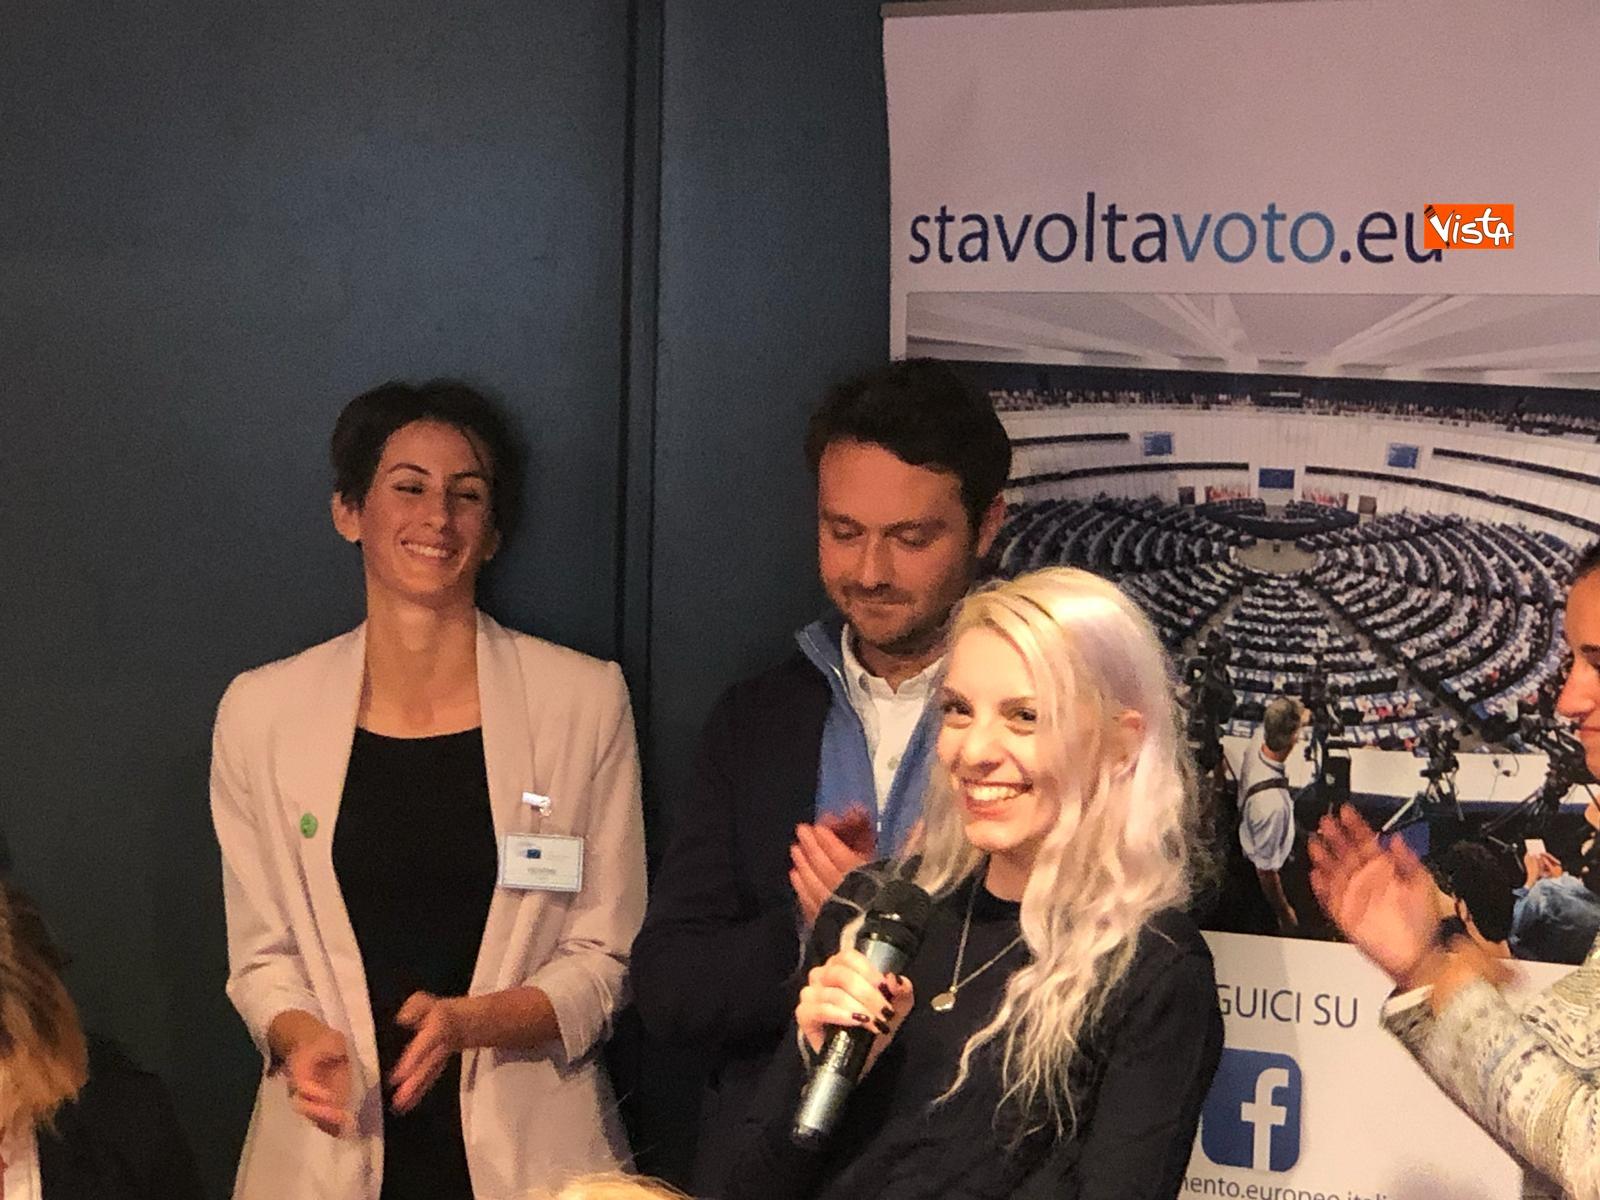 27-10-18 StavoltaVoto la campagna per sensibilizzare alvoto per le elezioni europee la presentazione - La web influencer Barbie Xanax